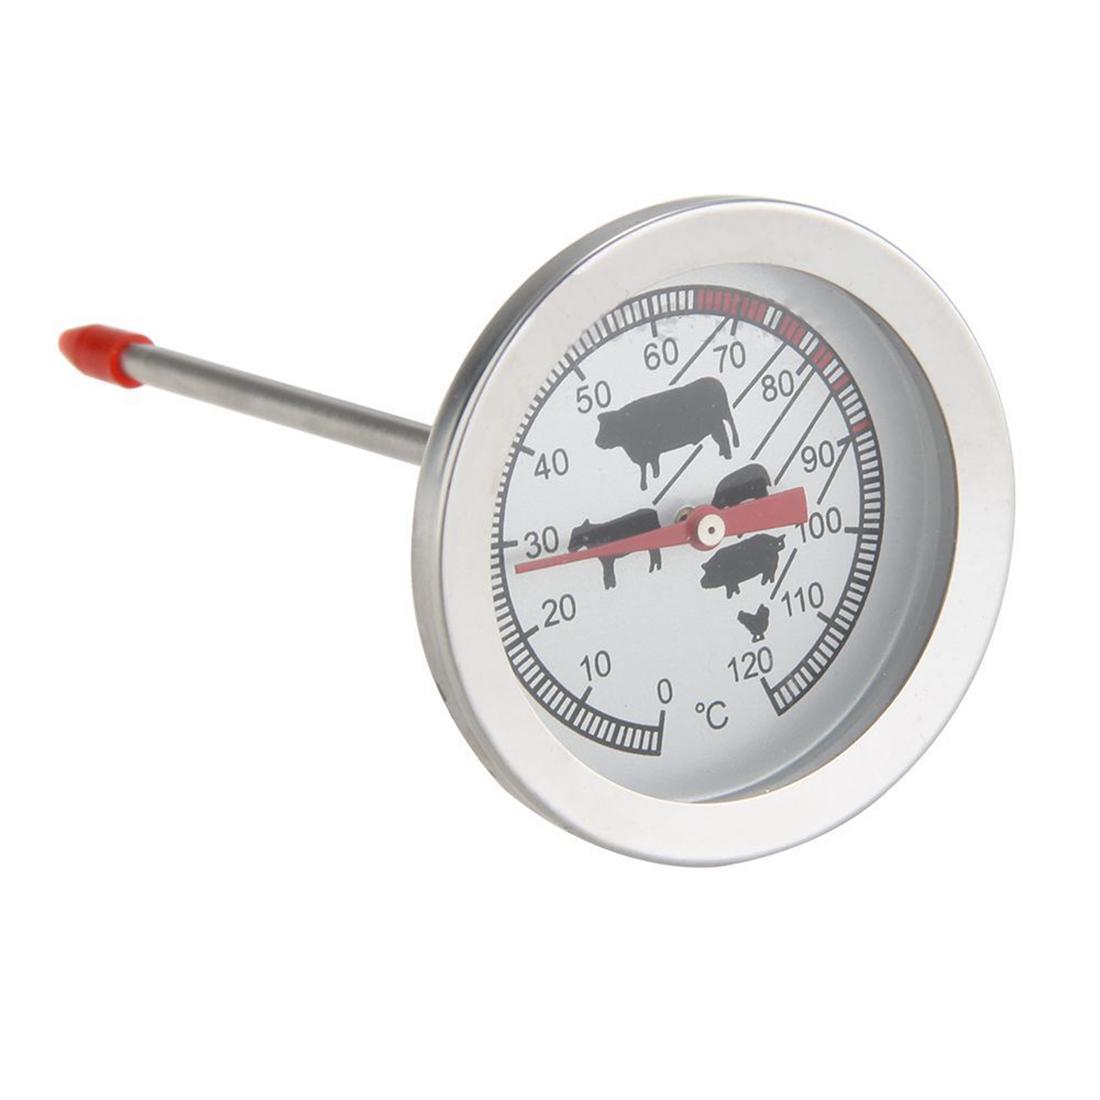 Прибор для измерения температуры OEM 0/120 54 C0408 прибор для измерения температуры oem 2015 lcd c0379